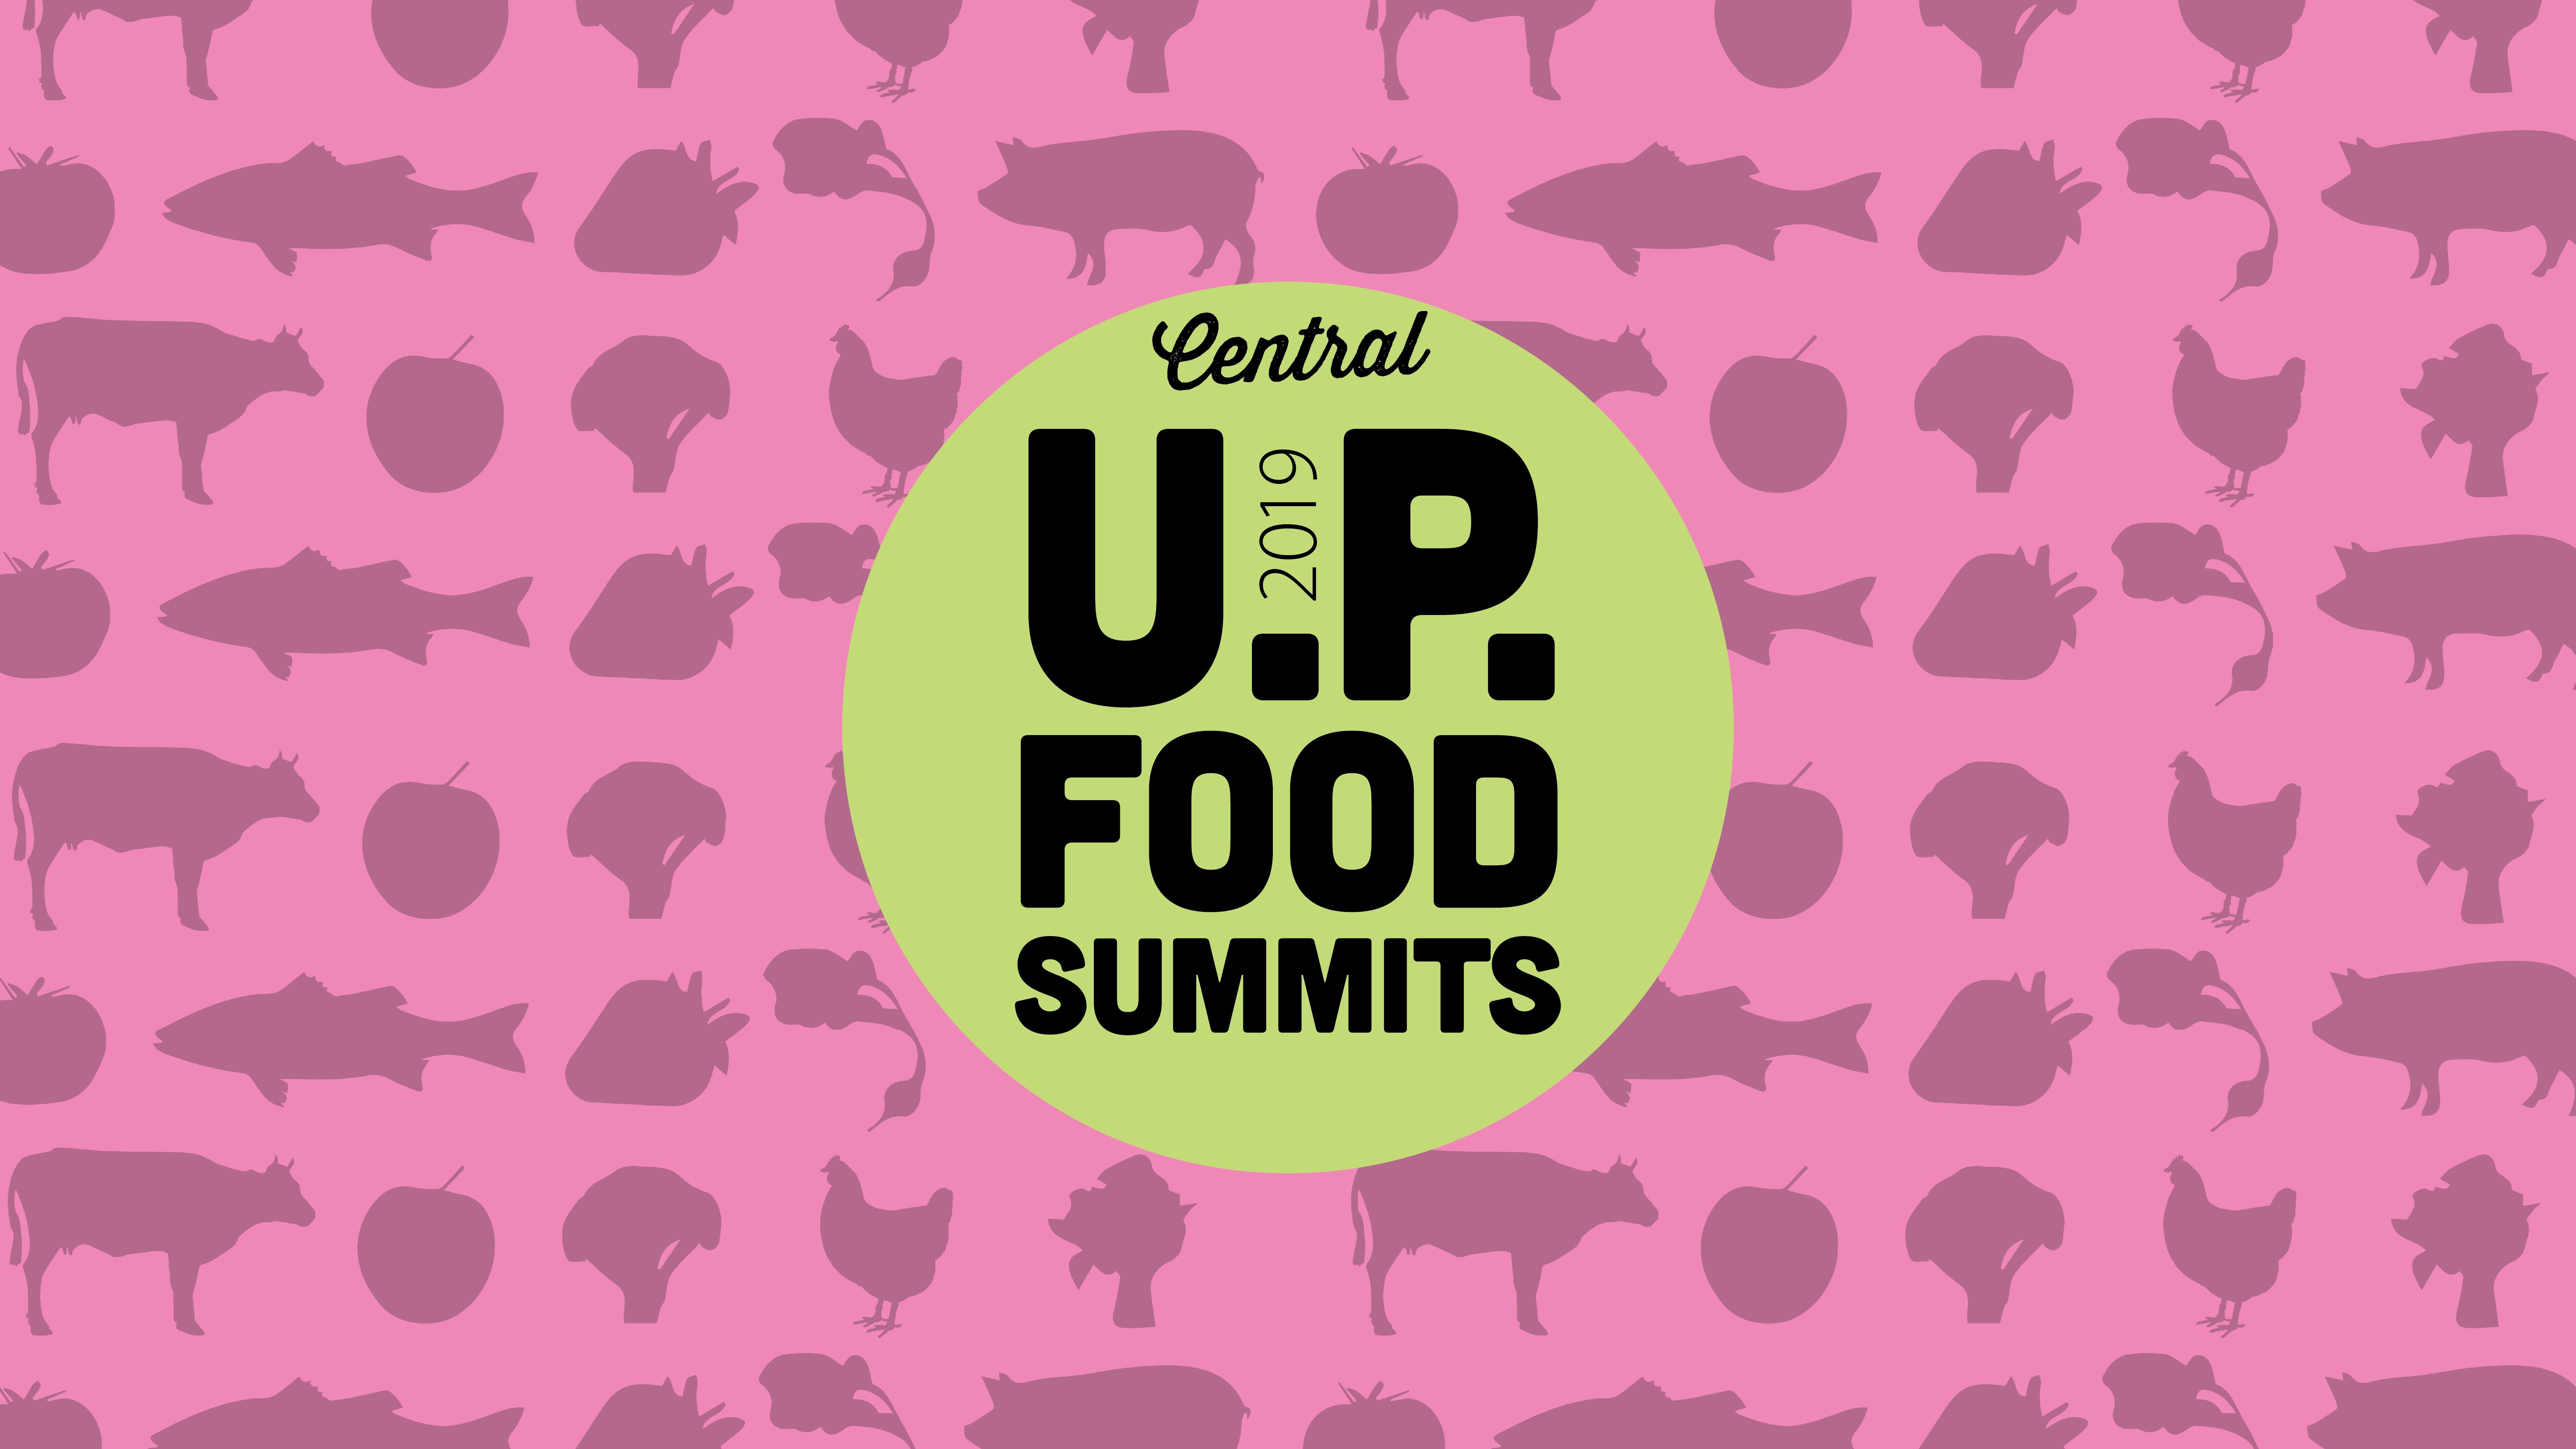 U.P. FOOD SUMMITS